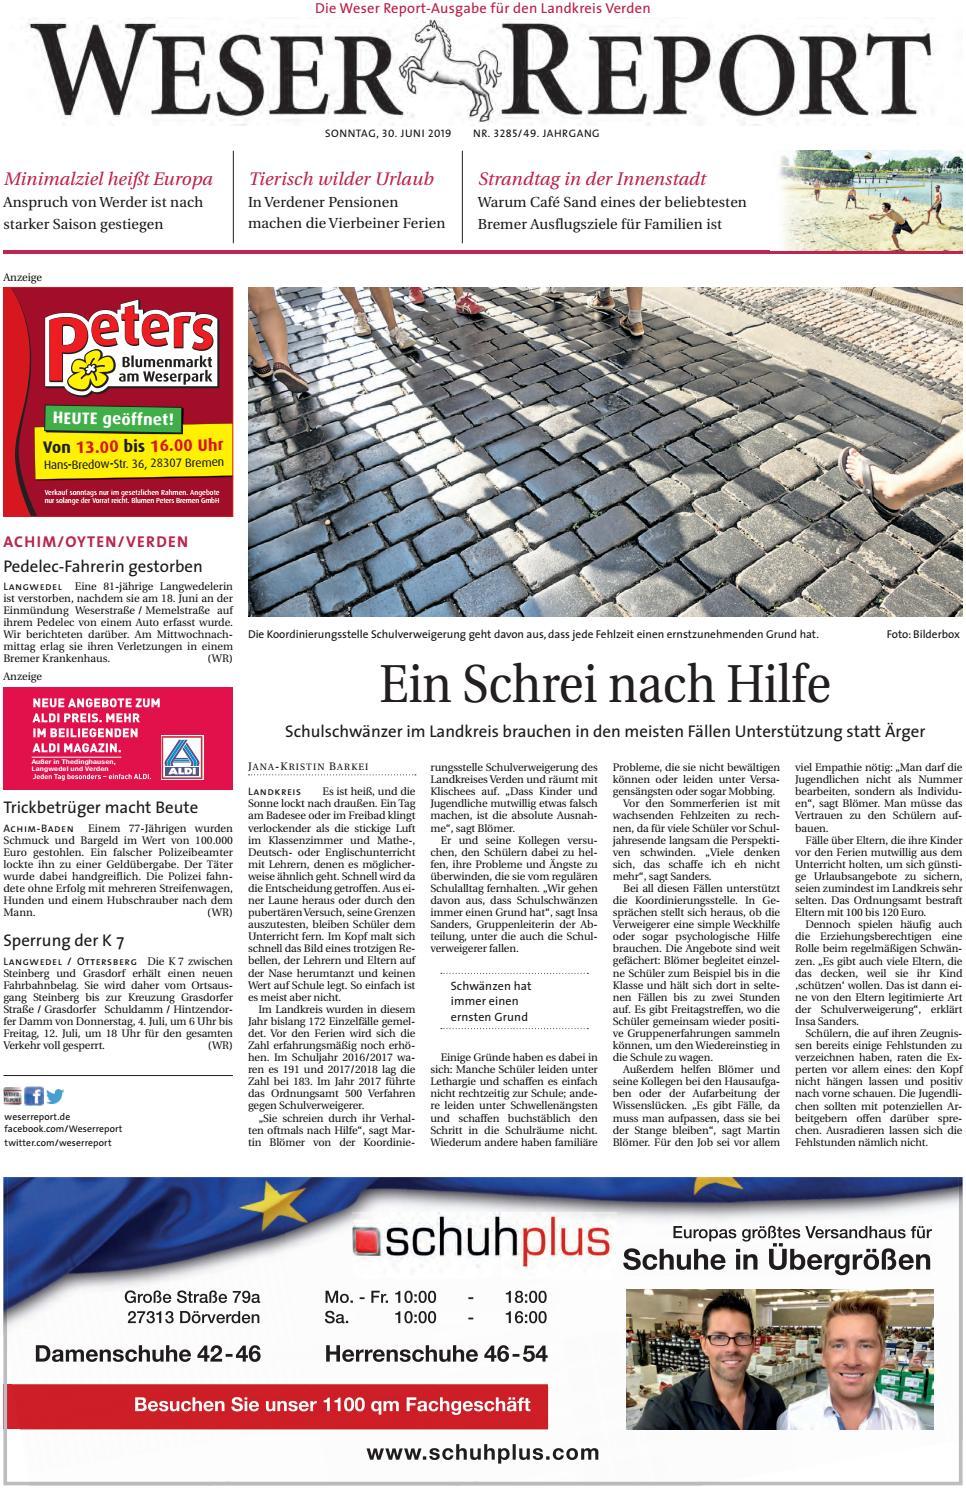 Weser Report Achim, Oyten, Verden vom 30.06.2019 by KPS